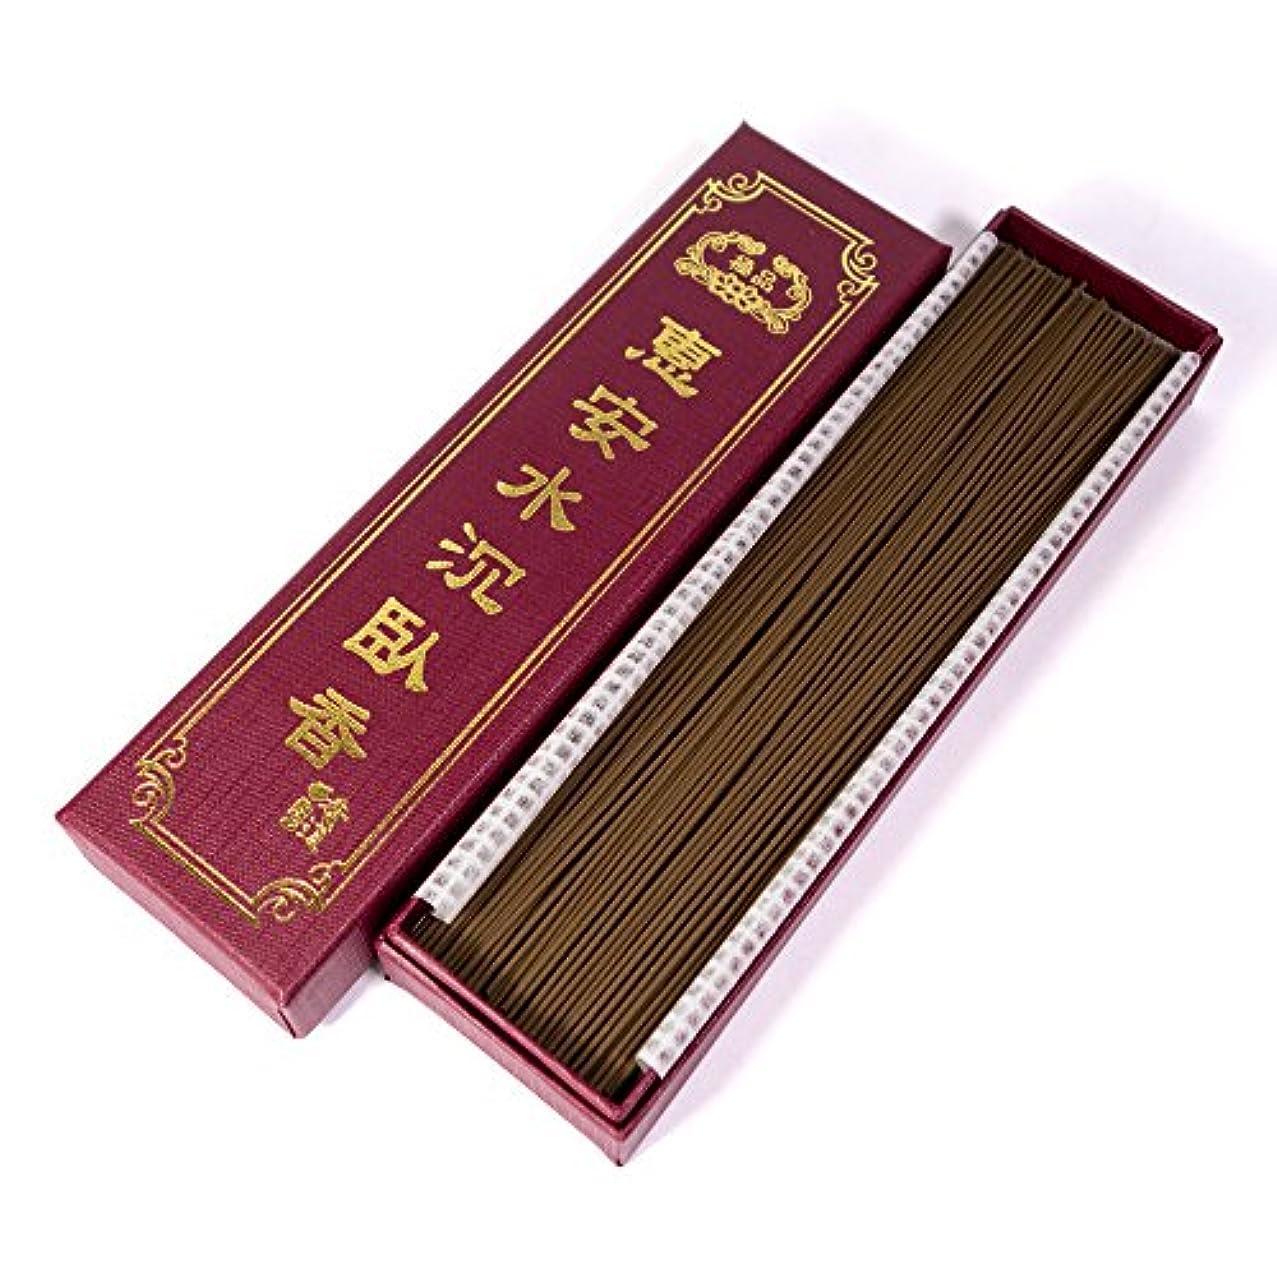 化粧知っているに立ち寄るいちゃつく台湾沉香舍 お香 香木 線香 水沈香 惠安水沈香 煙少香 21cm 75g 約220本